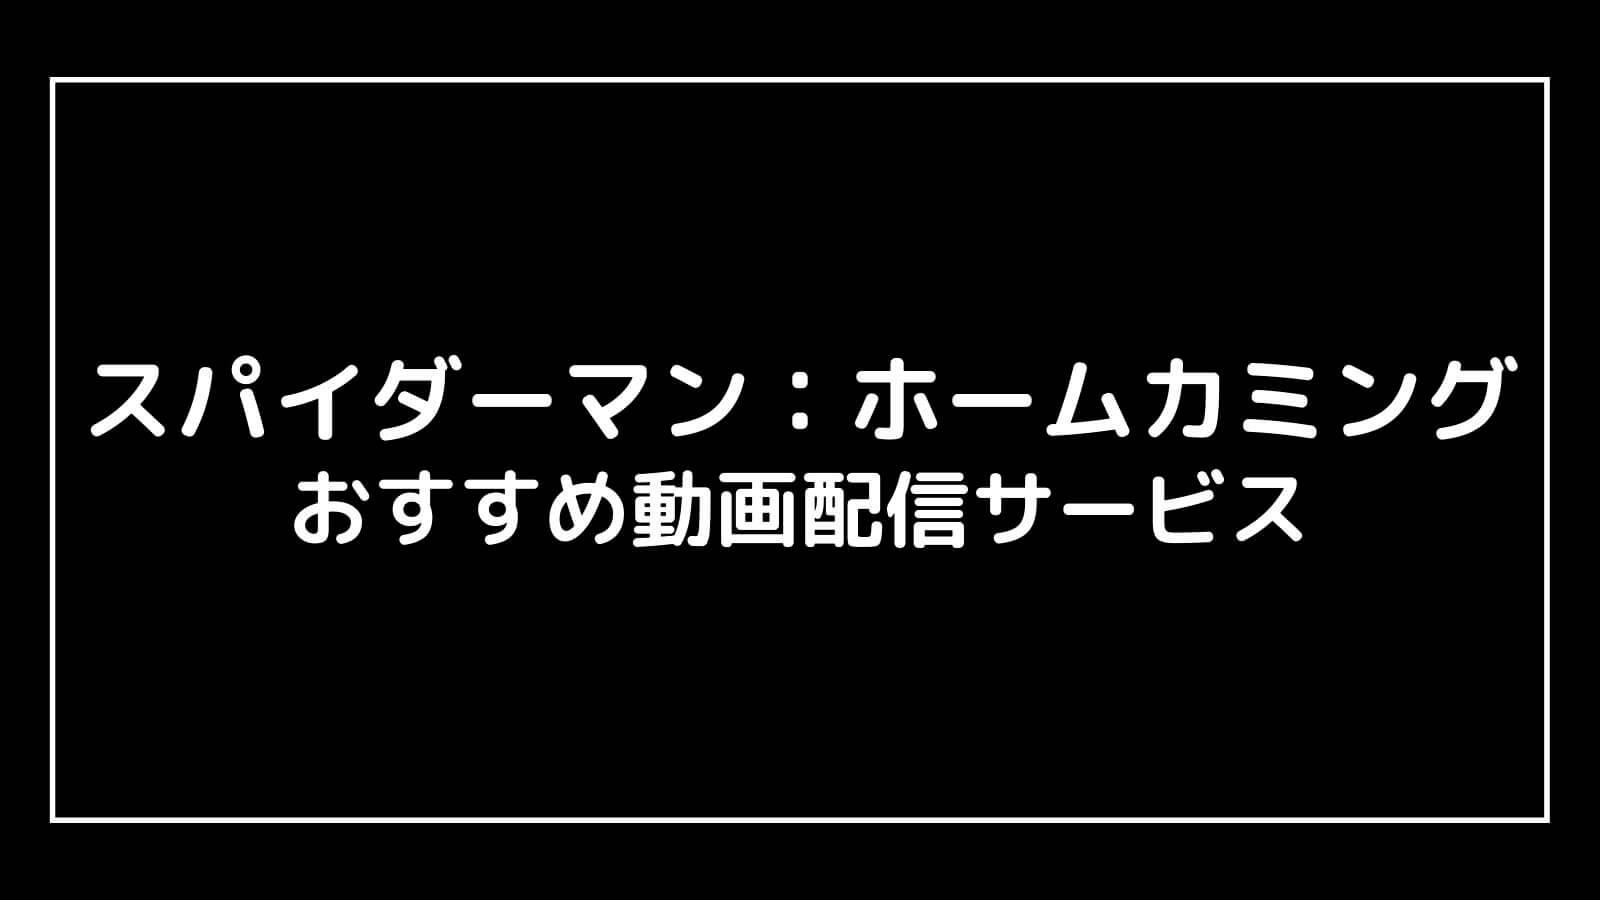 【吹替あり】スパイダーマン:ホームカミングを無料視聴できるおすすめ動画配信サービス